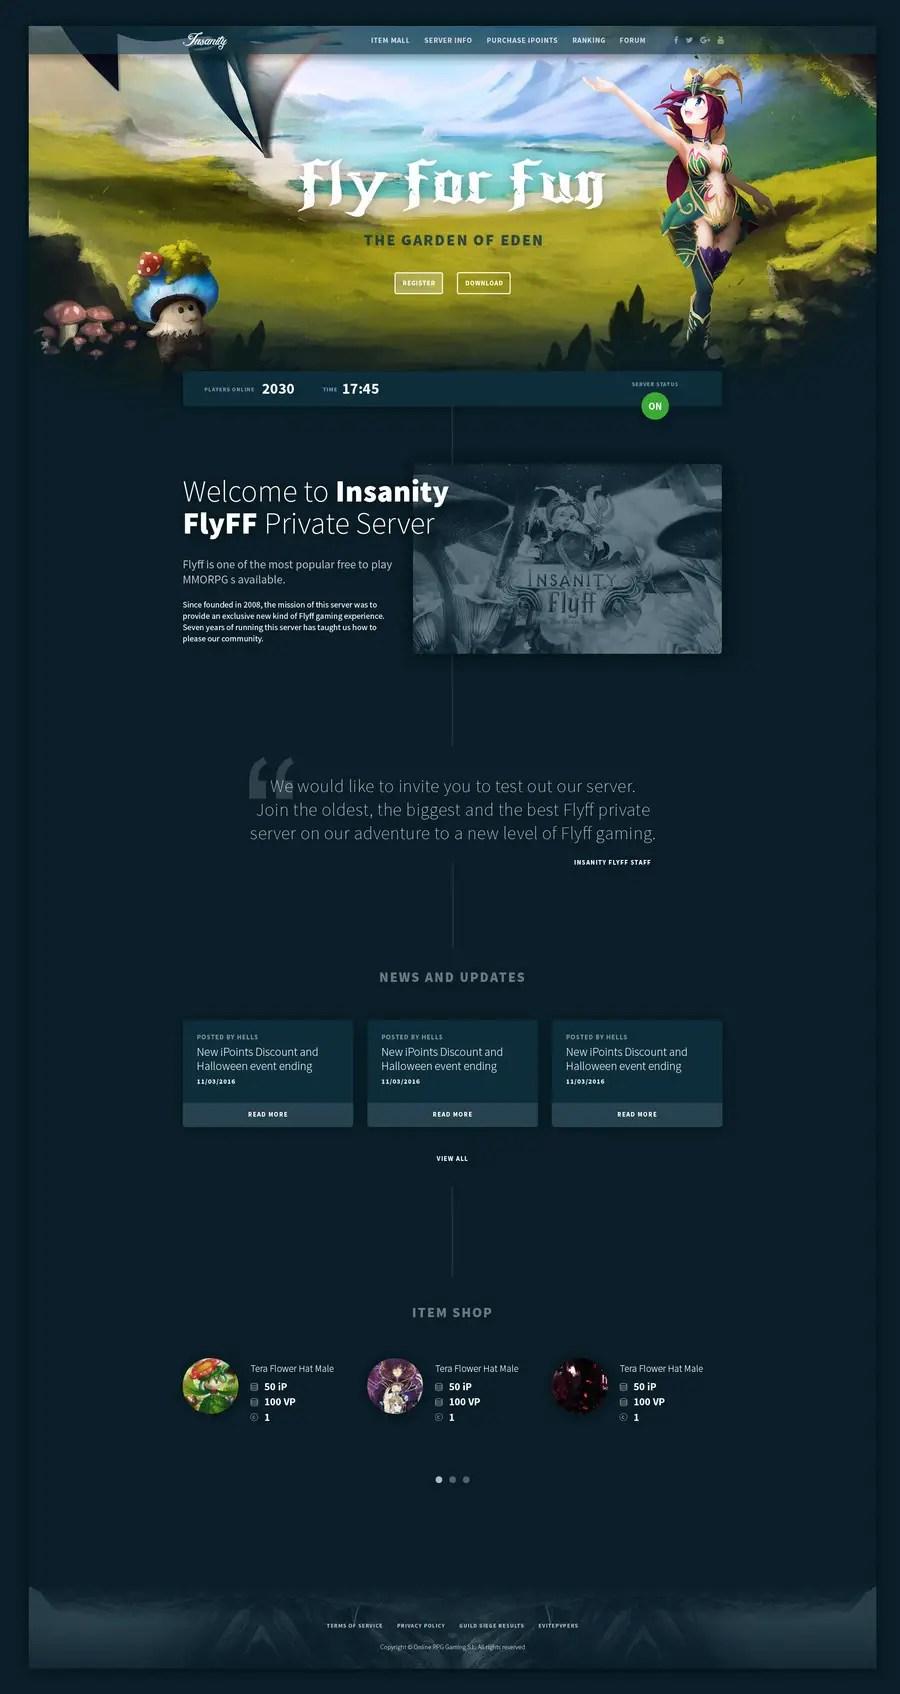 Flyff Private Server : flyff, private, server, Entry, Bgrgosic, MMORPG, Private, Server, Design, Freelancer